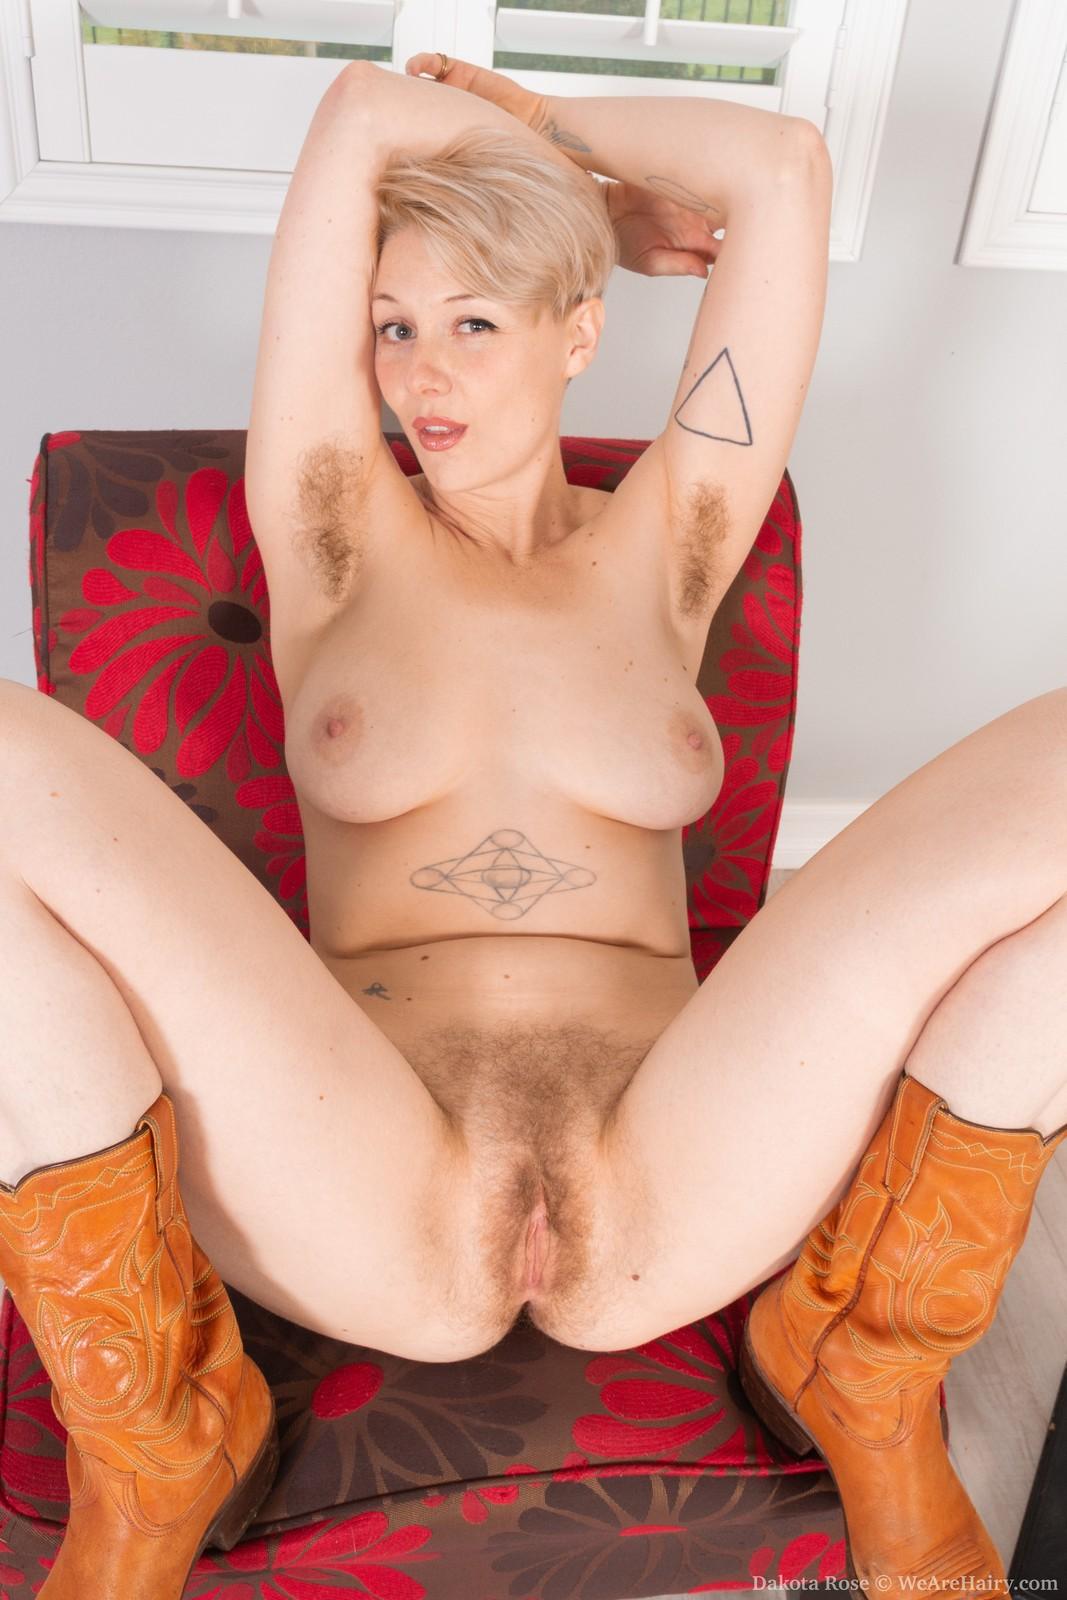 Dakota Rose strips naked wearing cowboy boots